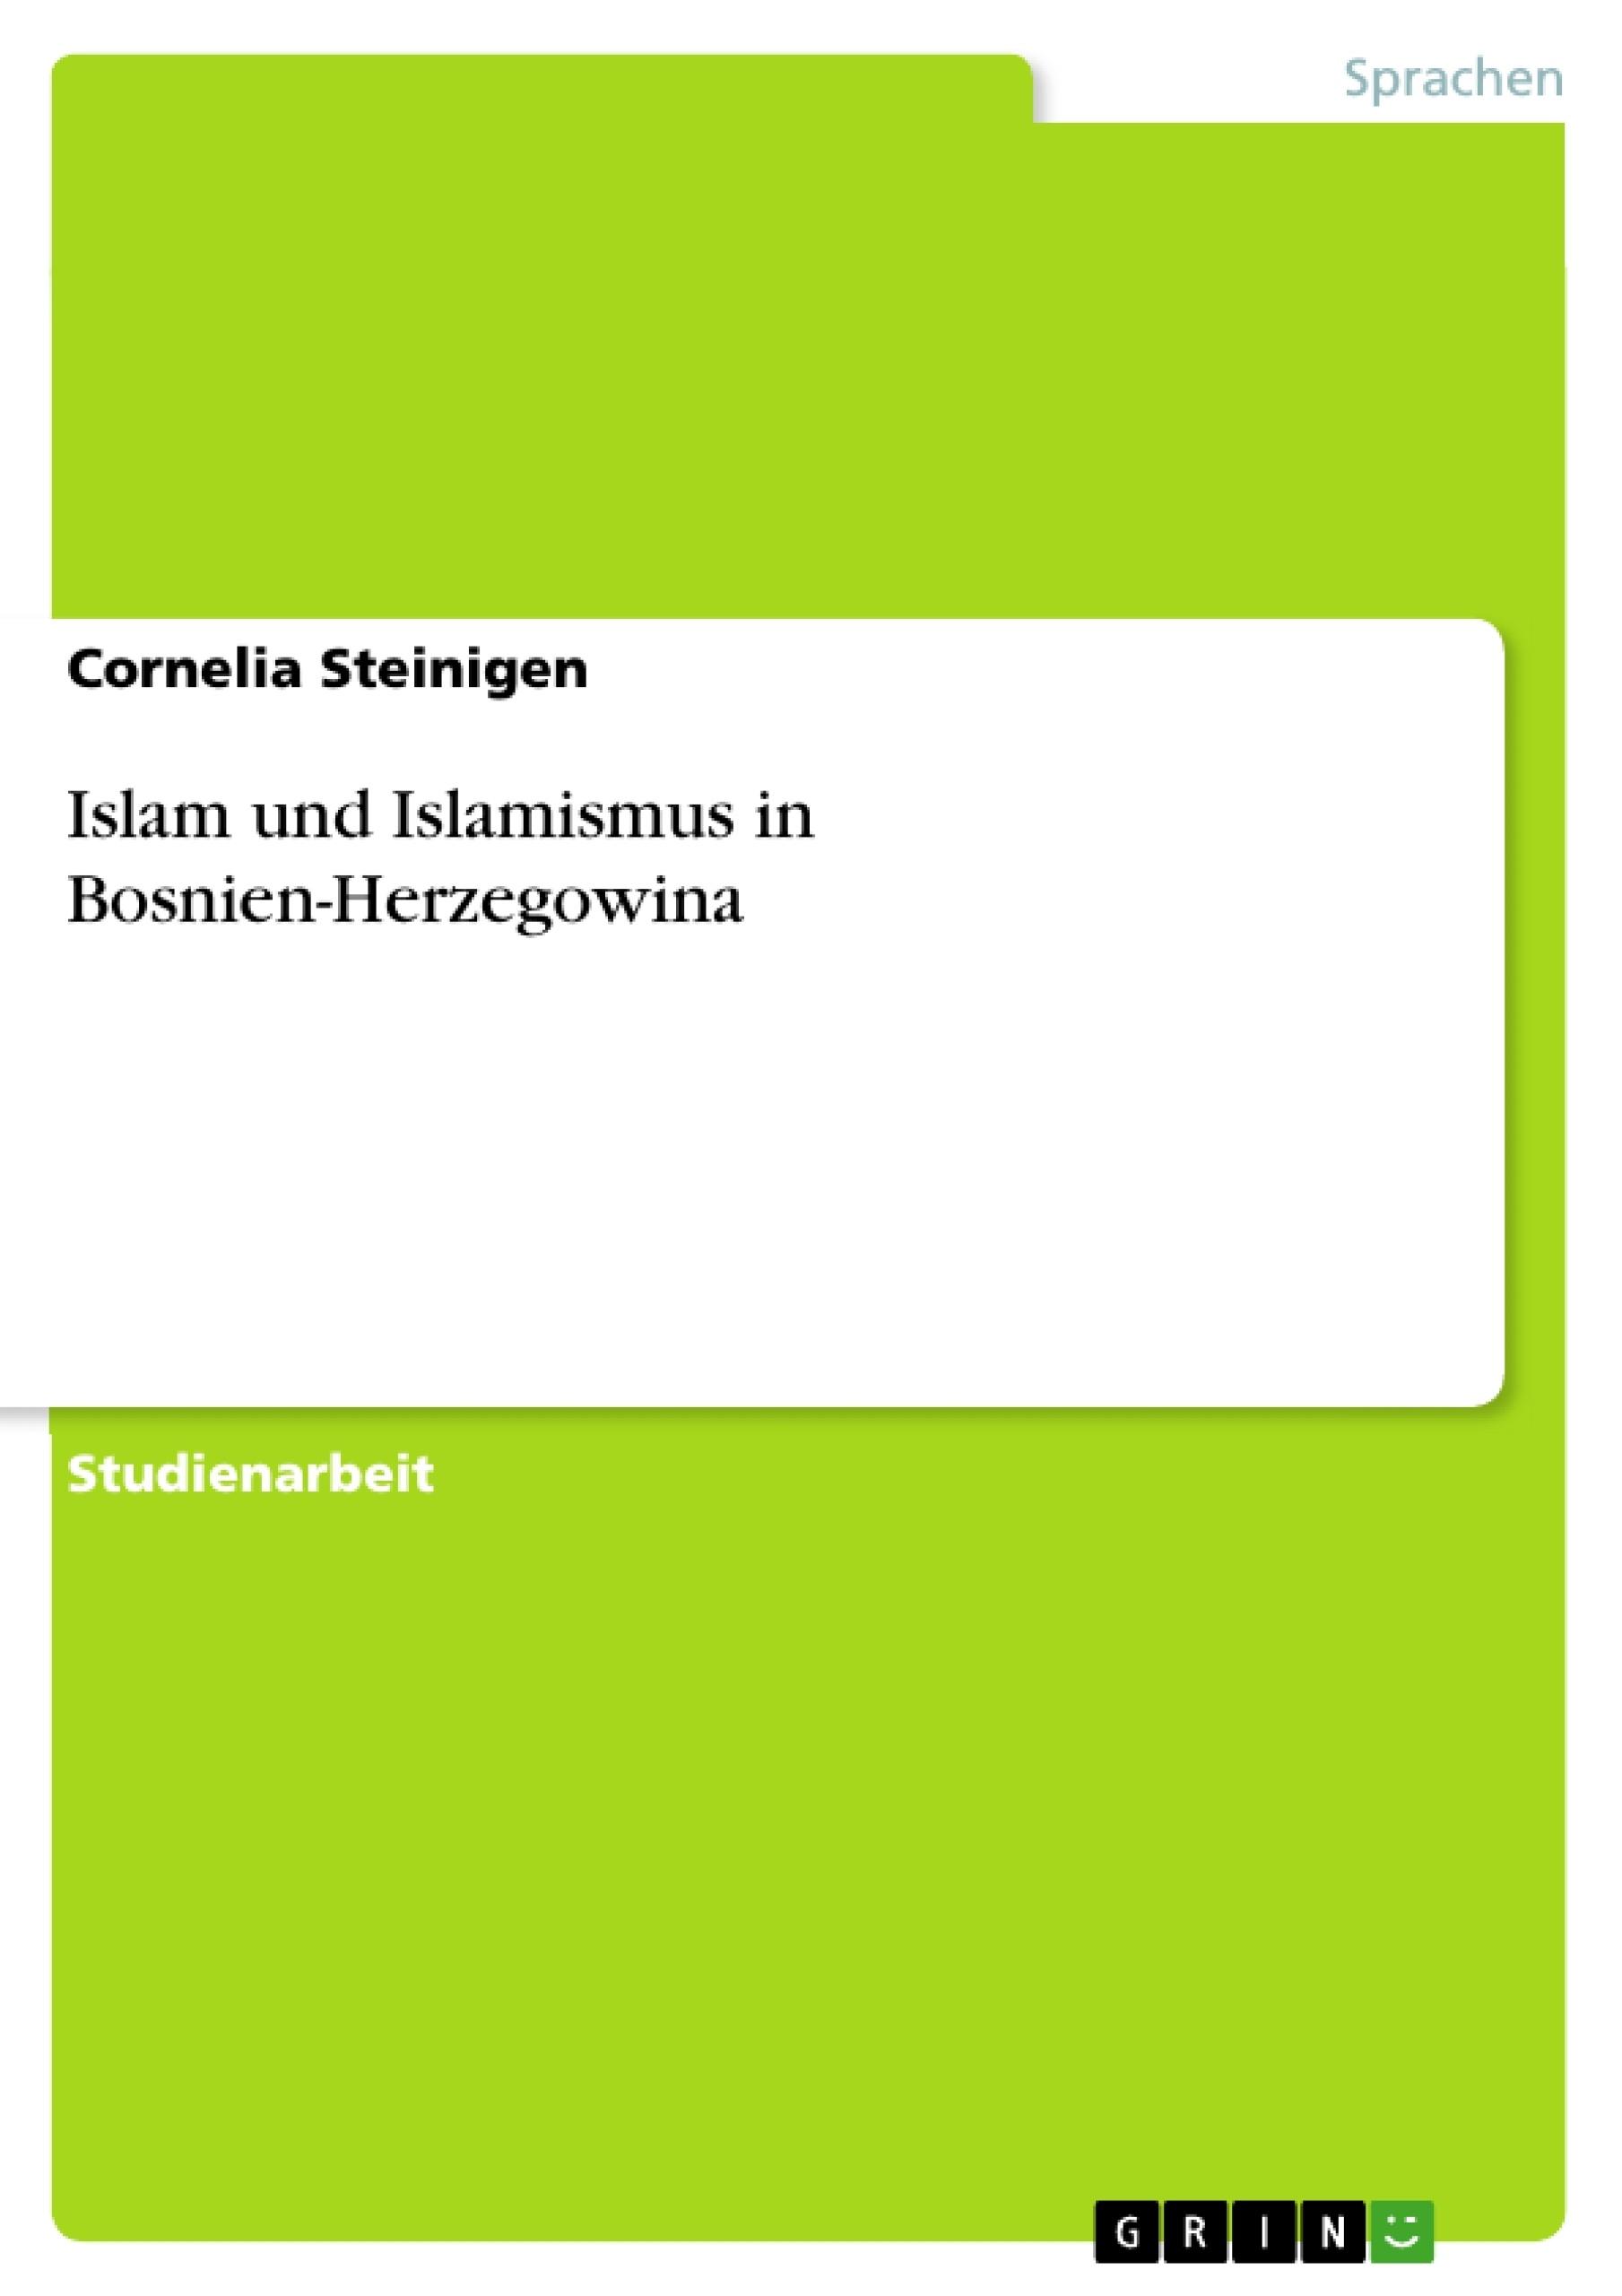 Titel: Islam und Islamismus in Bosnien-Herzegowina